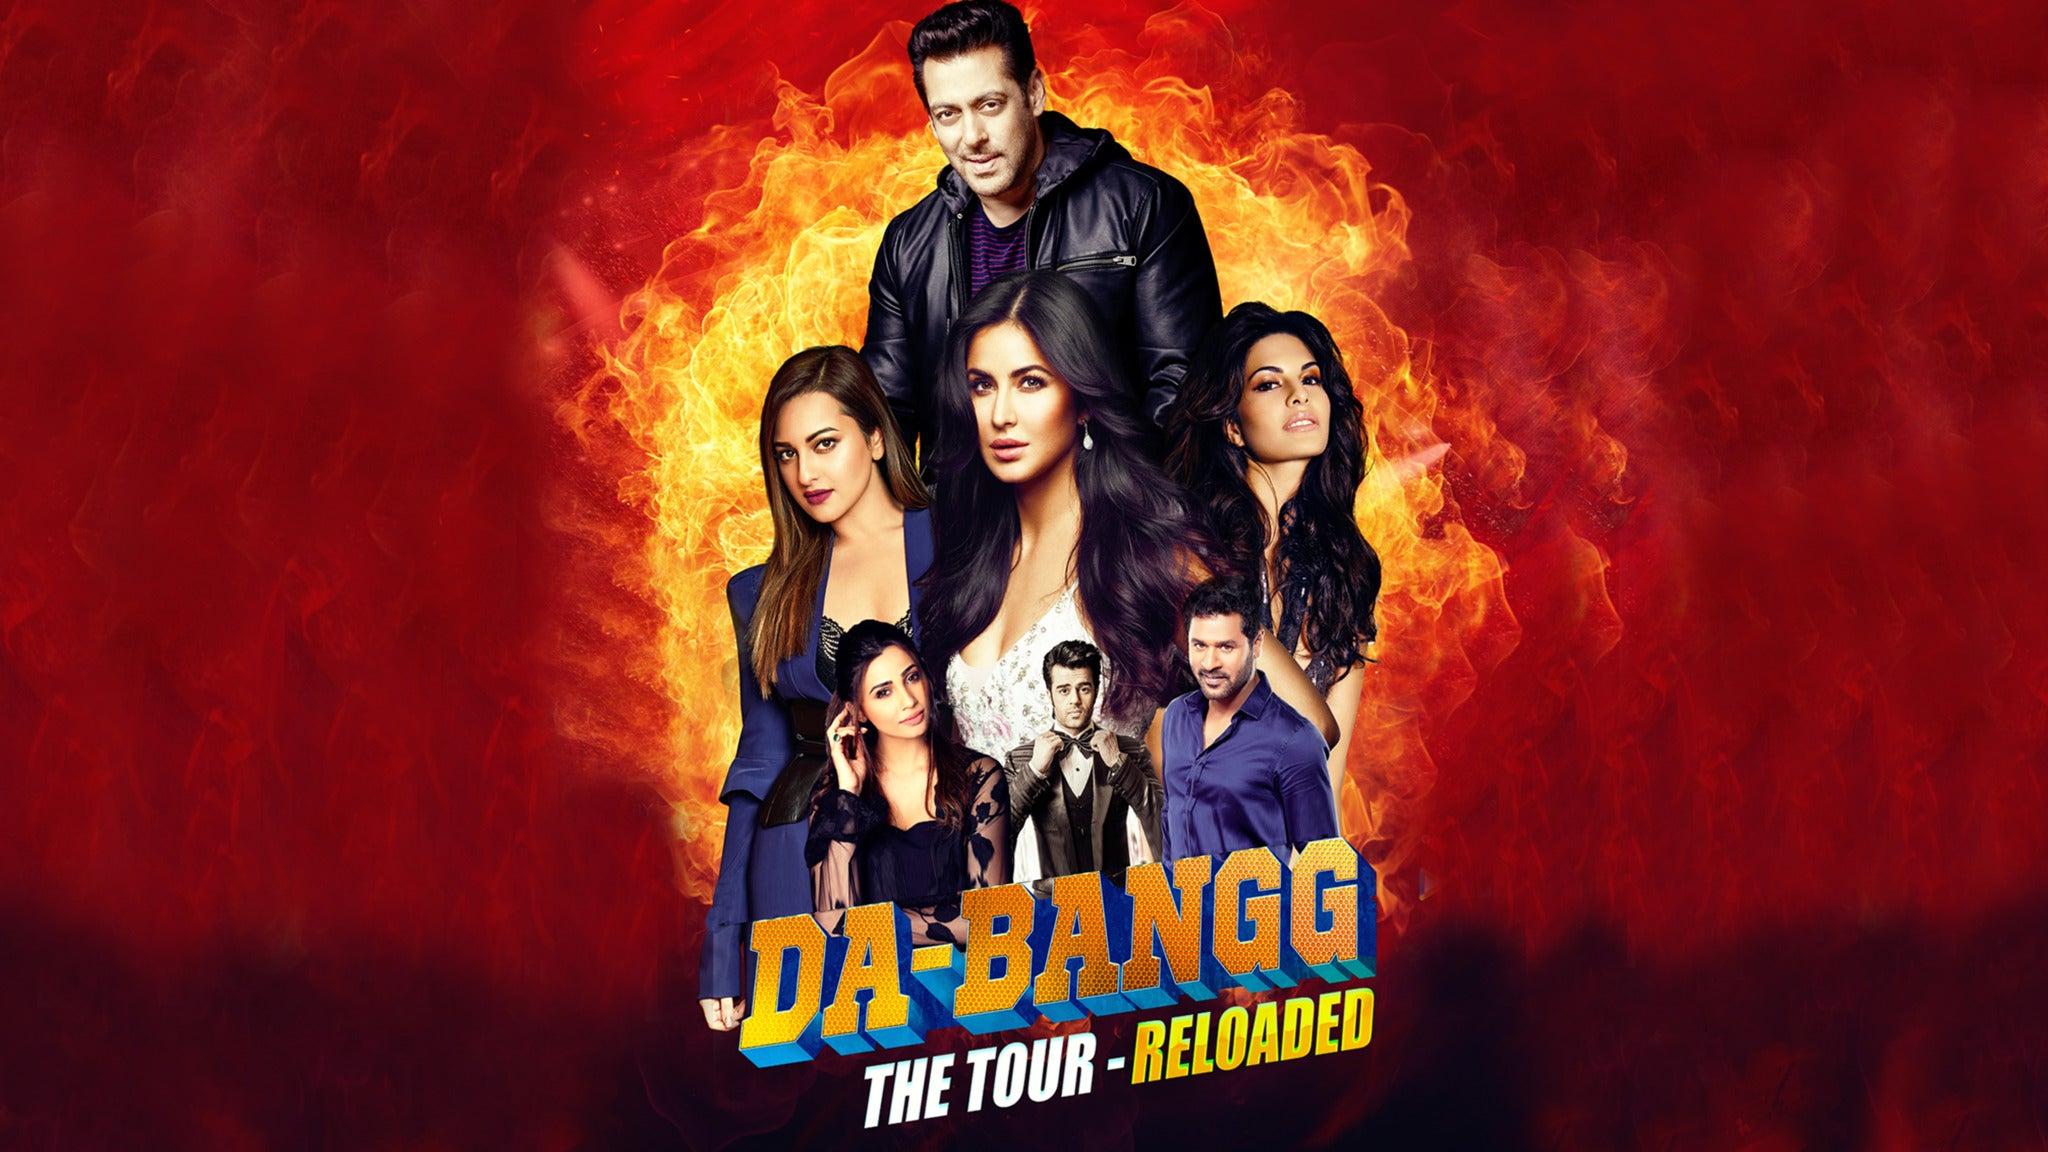 DA-BANGG THE TOUR at Capital One Arena